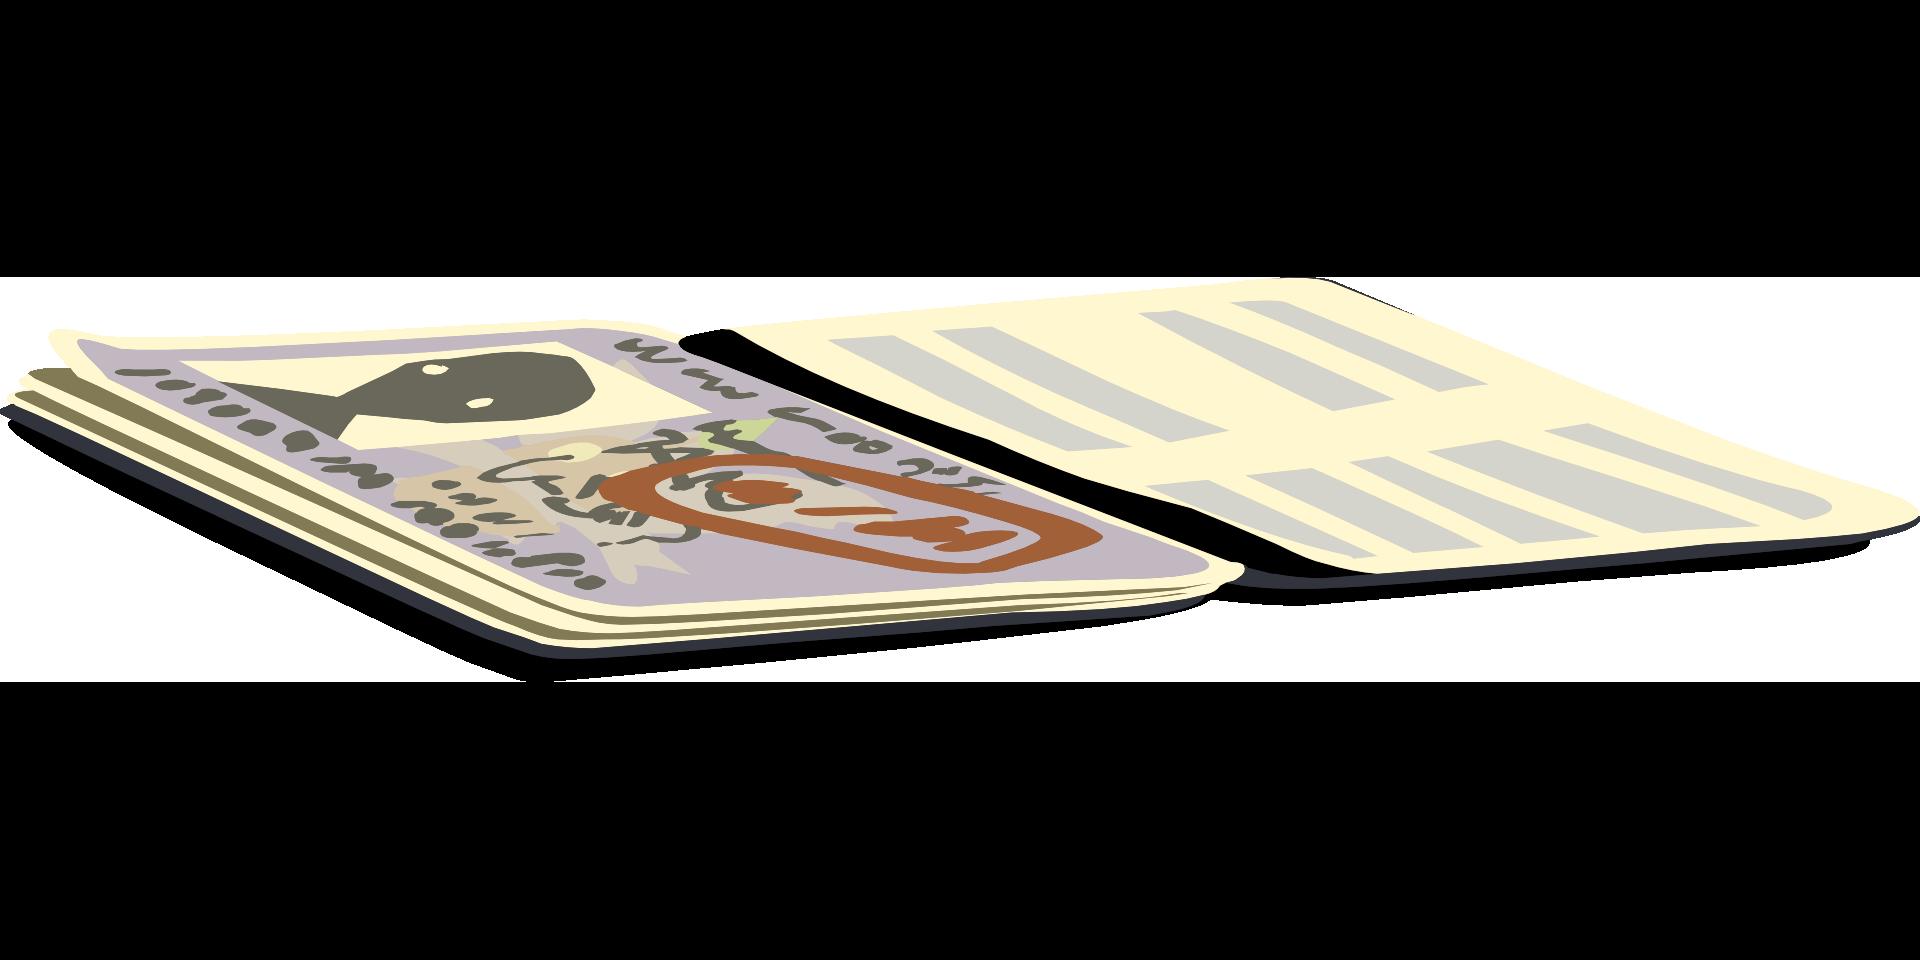 Проверку паспорта можно разделить на два вида: проверку паспорта на действительность и проверку паспорта на подлинность (это не одно и то же). Рассмотрим данные категории по отдельности.